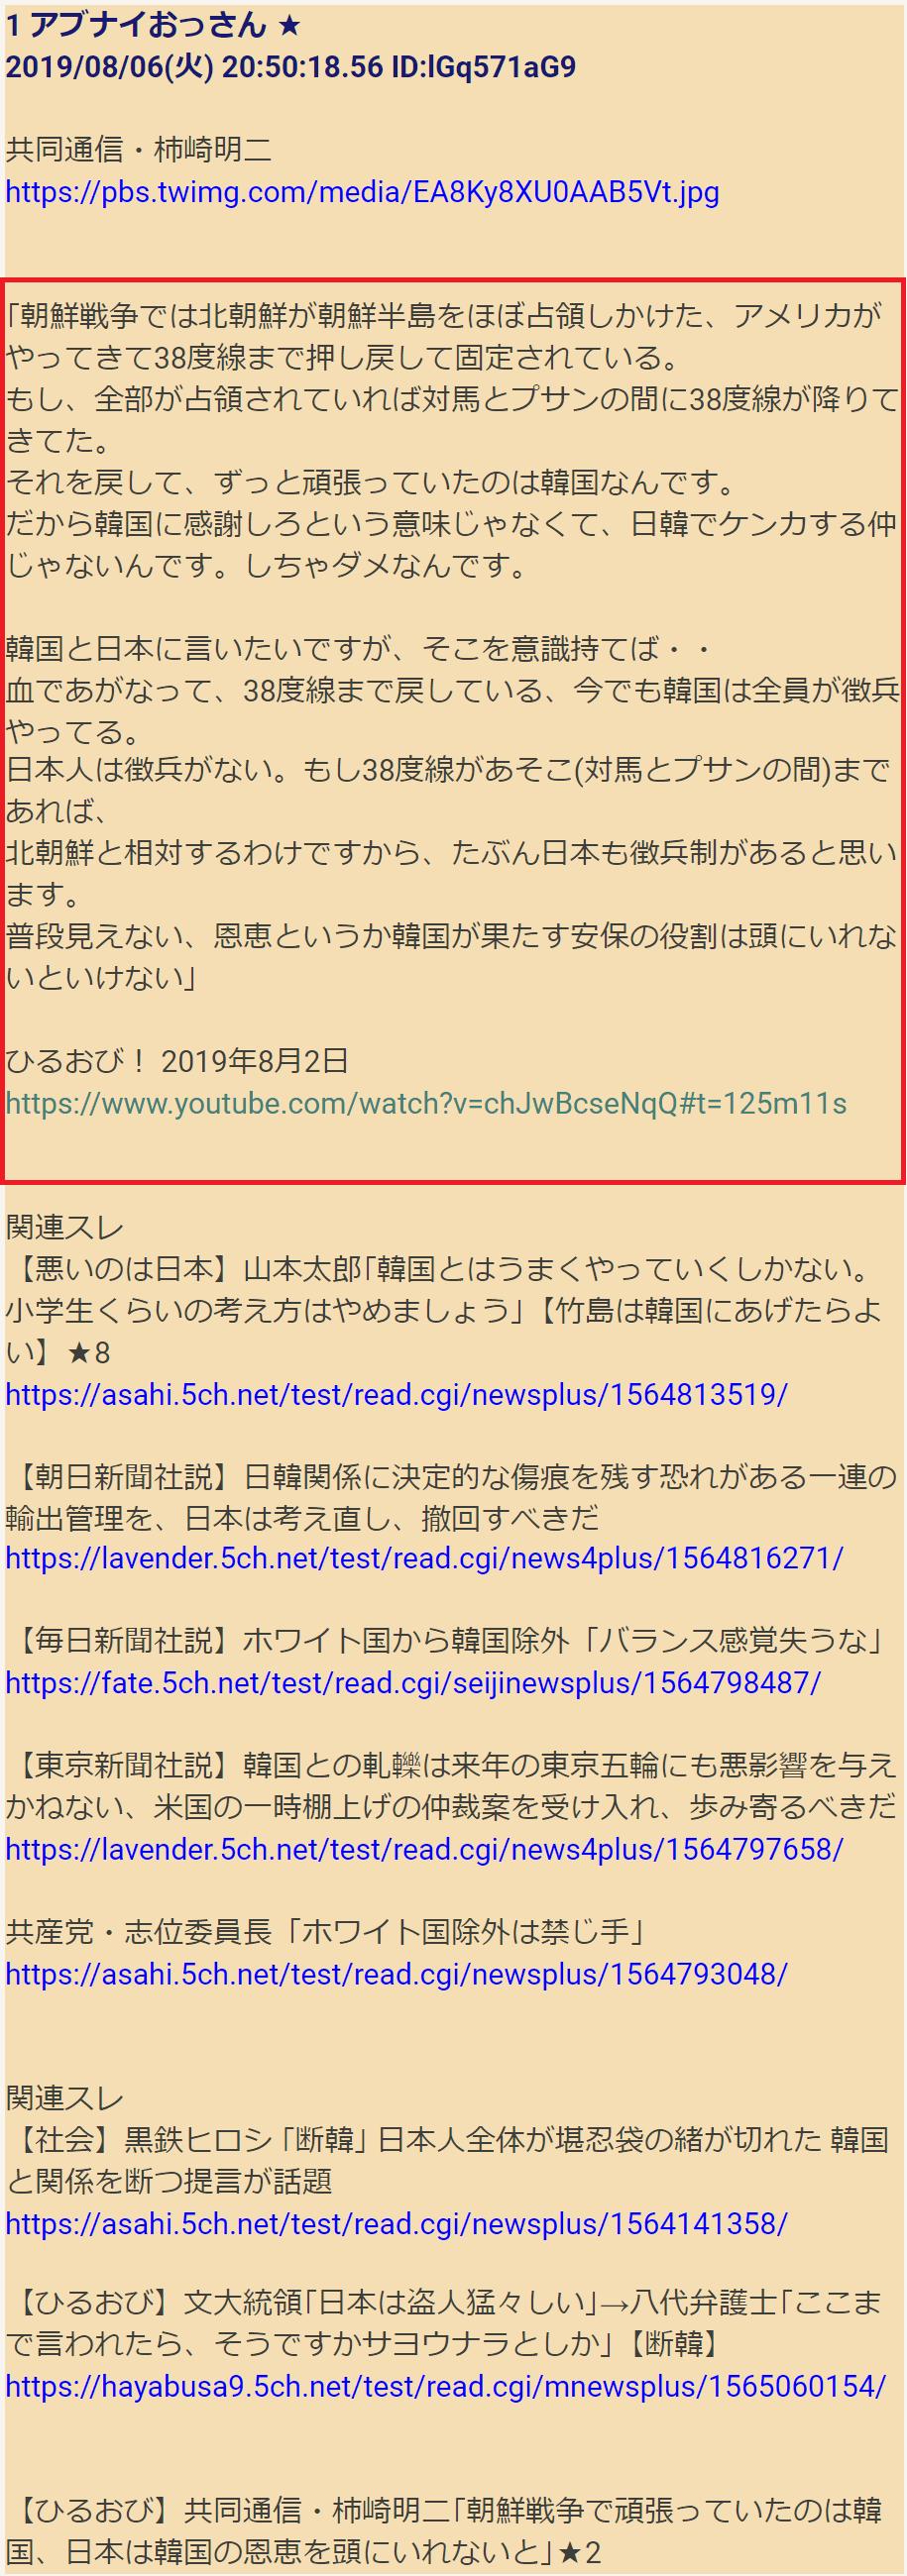 共同通信 柿崎「日本が無事なのは下朝鮮のおかげ」